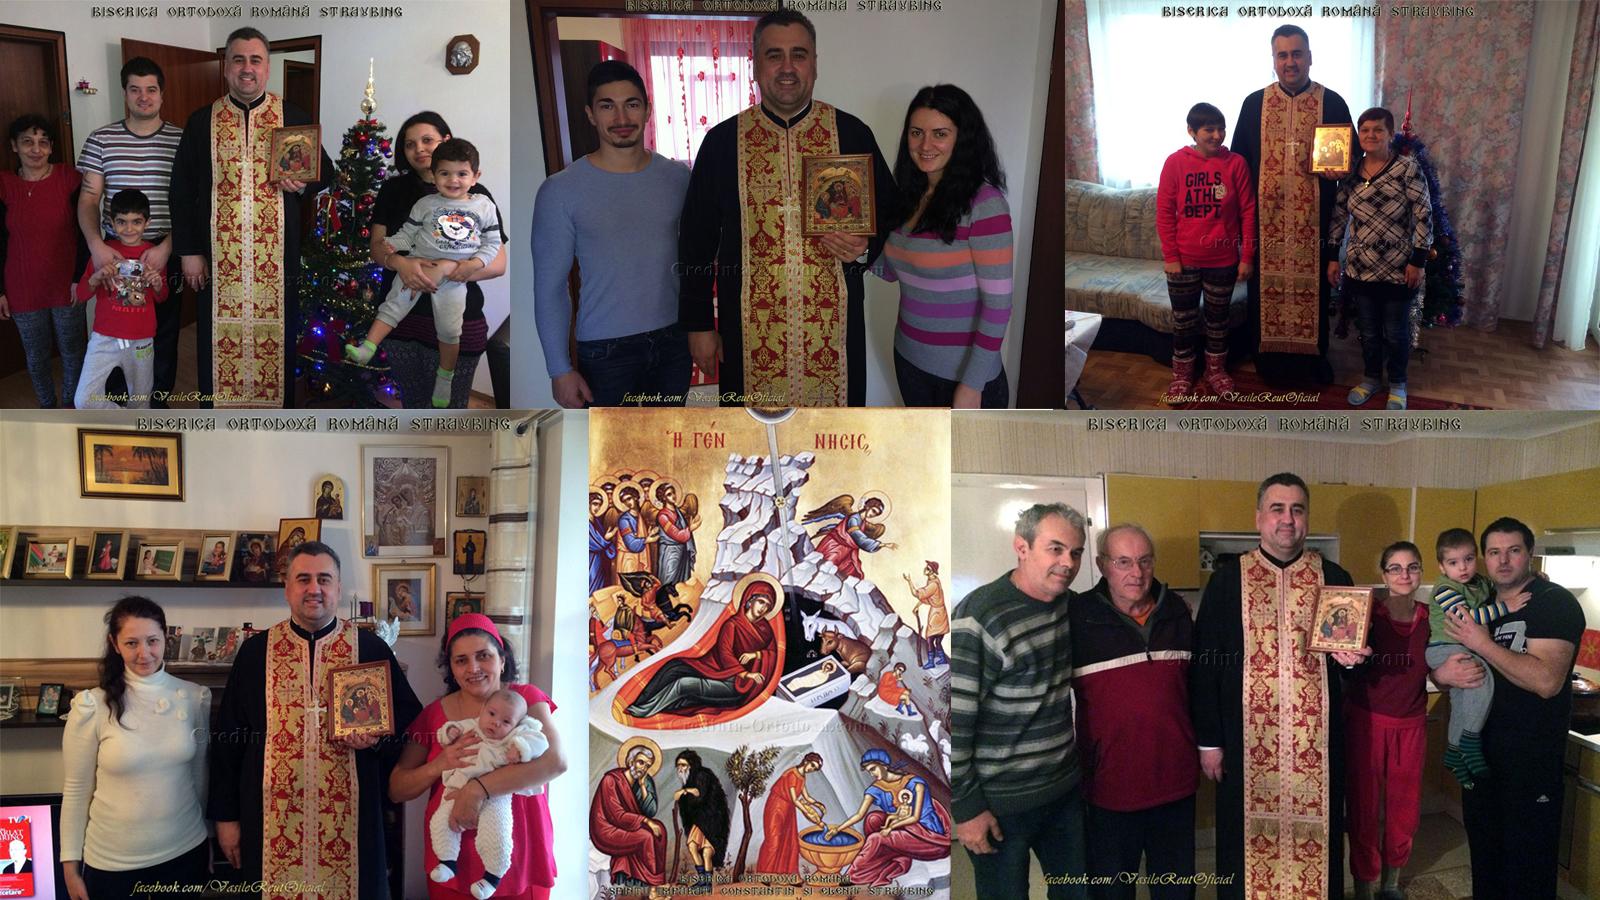 Vizita Pastorală cu Icoana Nașterii Domnului - decembrie 2018